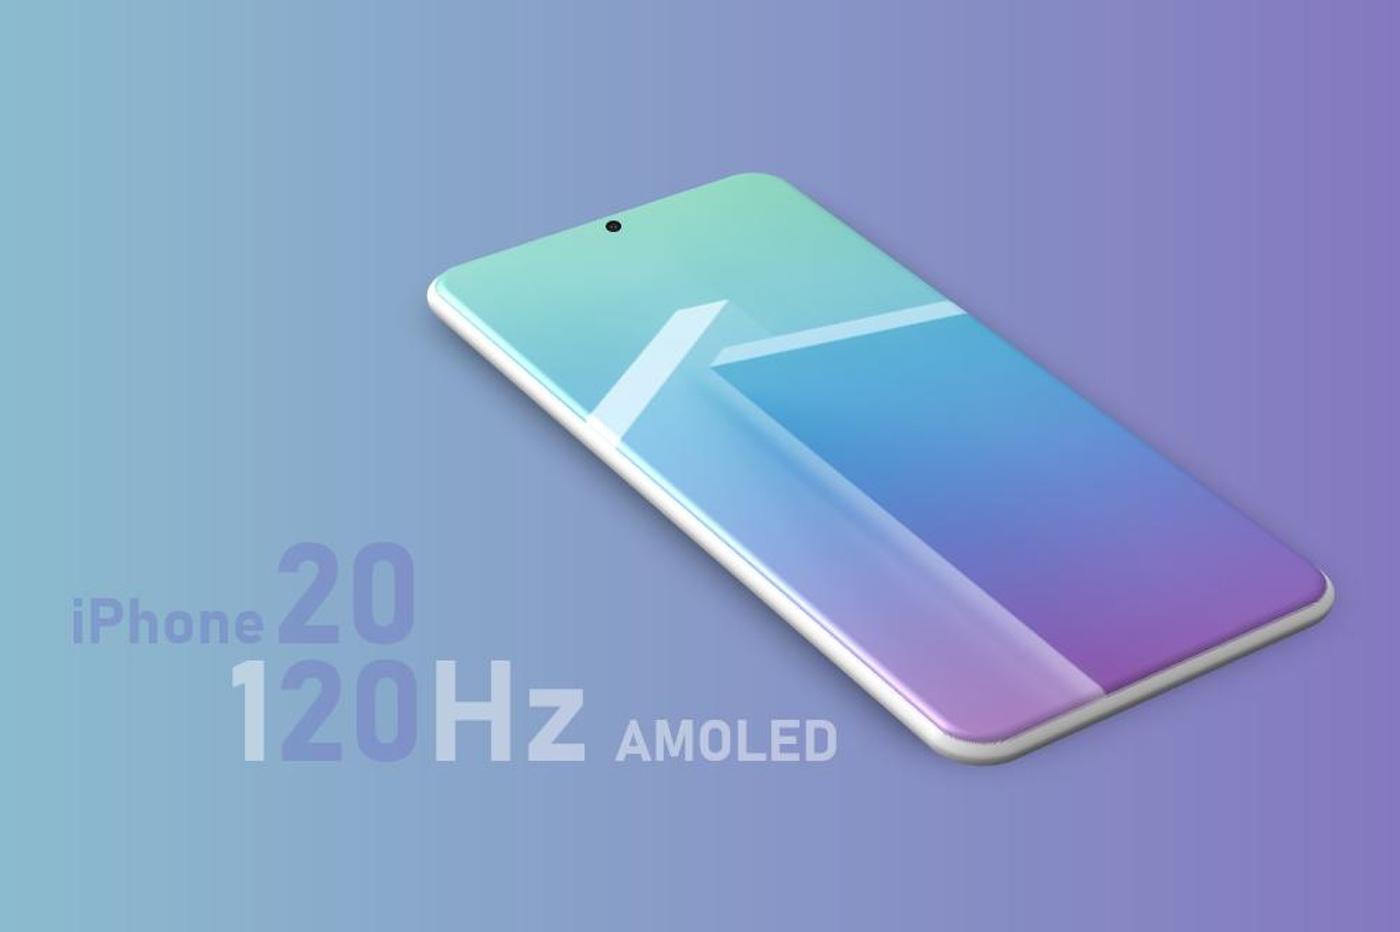 iPhone 2020 : un écran plus réactif et fluide grâce au Promotion de l'iPad Pro ? 1